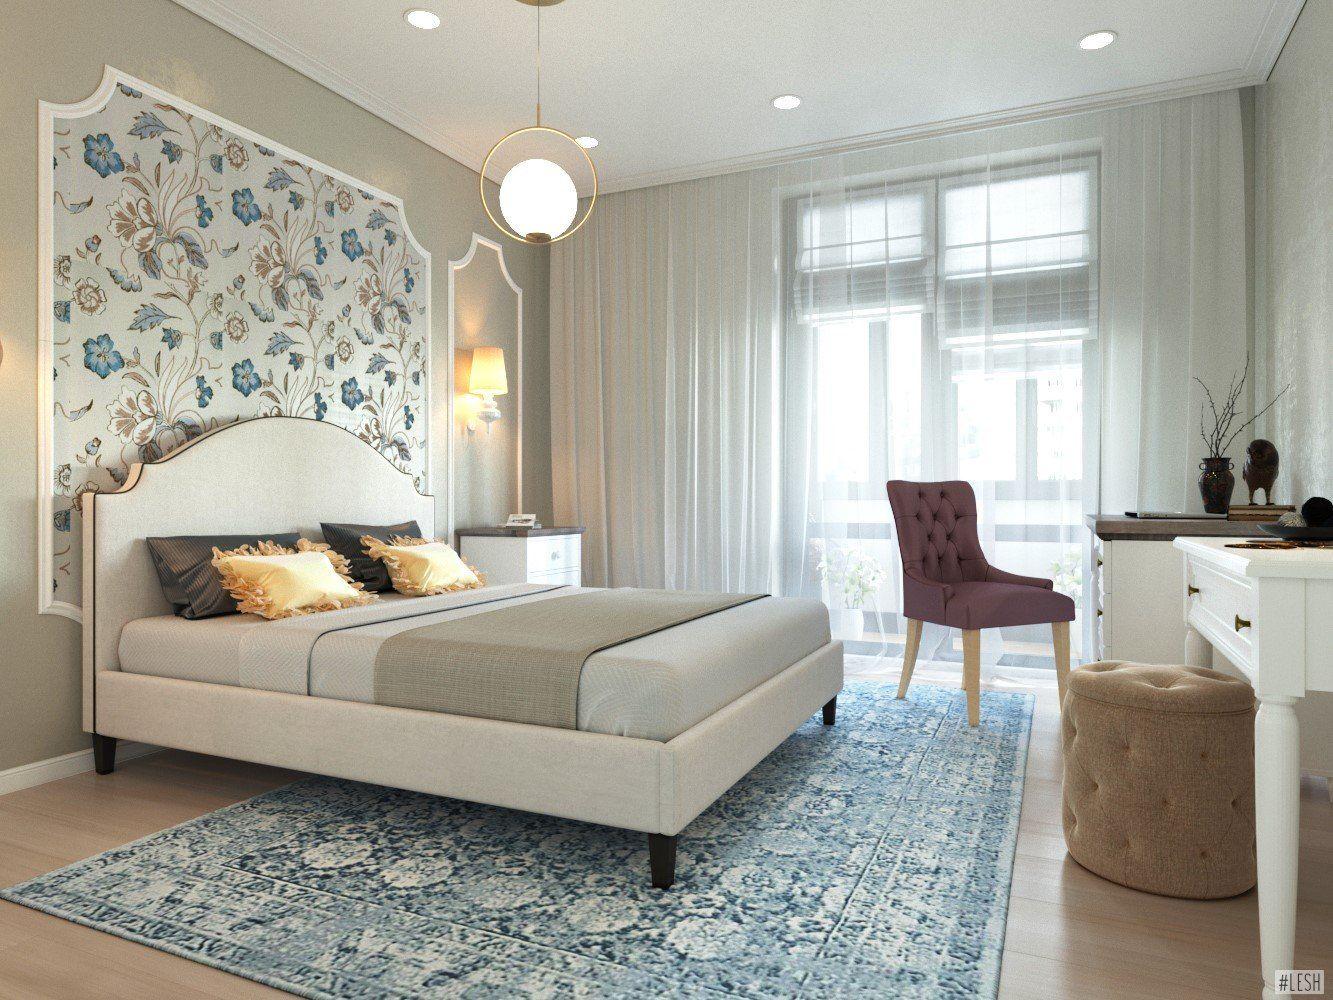 оформление зоны кровати в спальне фото